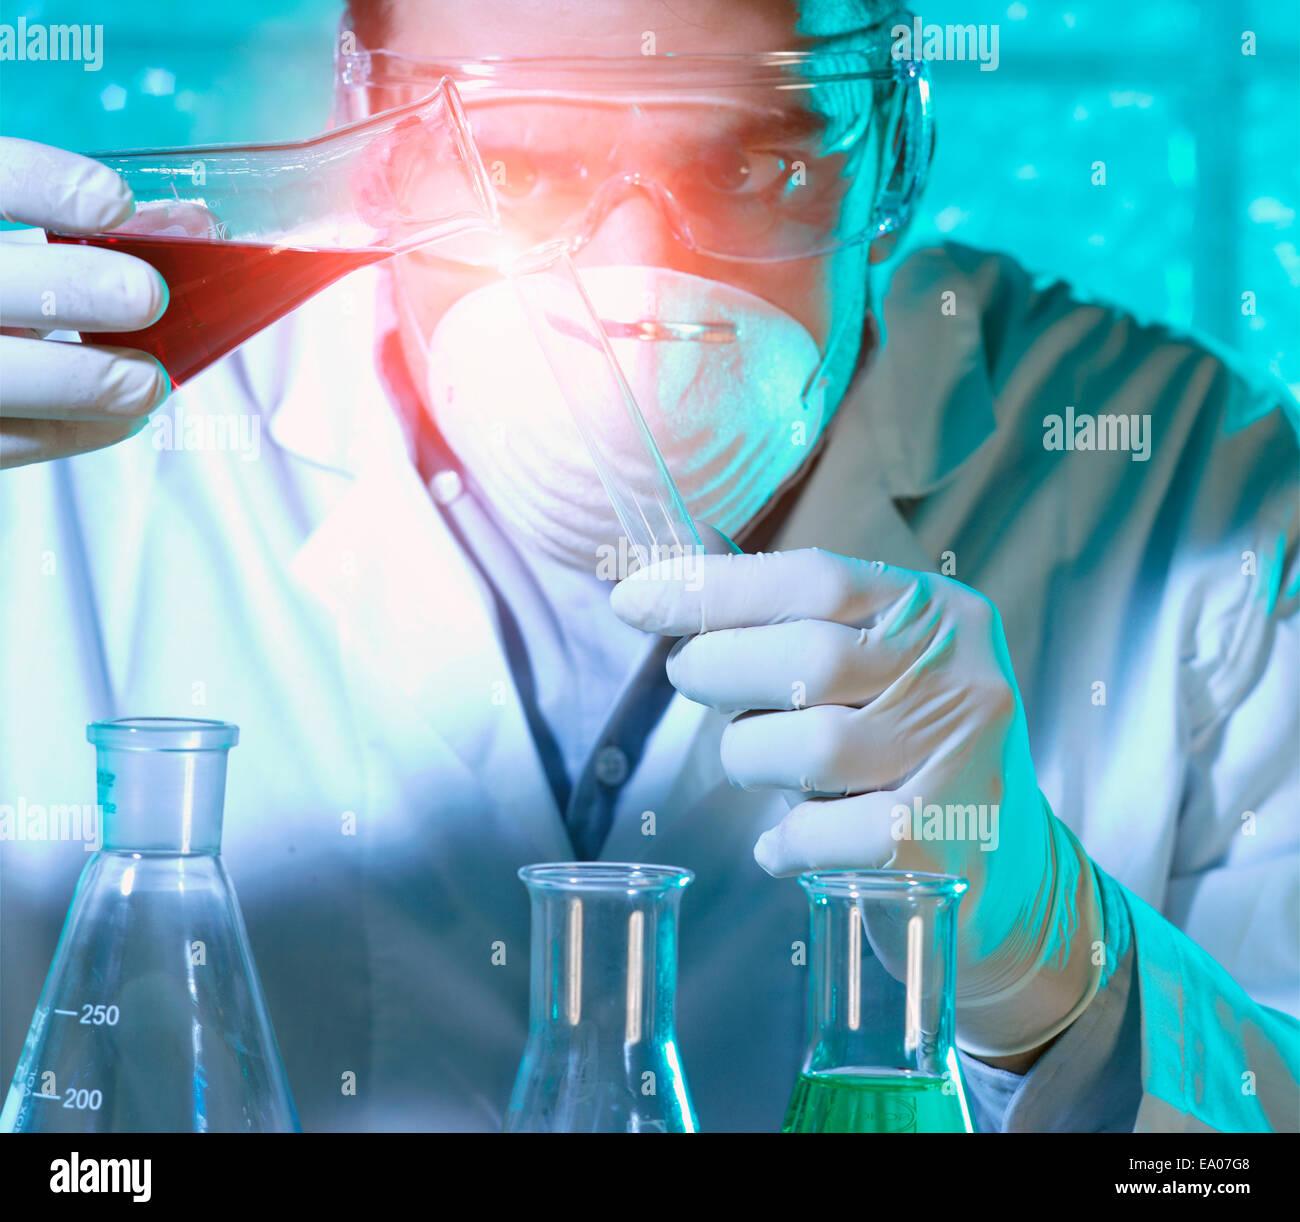 Chemiker Gießen Flüssigkeit aus Becher in Reagenzglas Stockbild